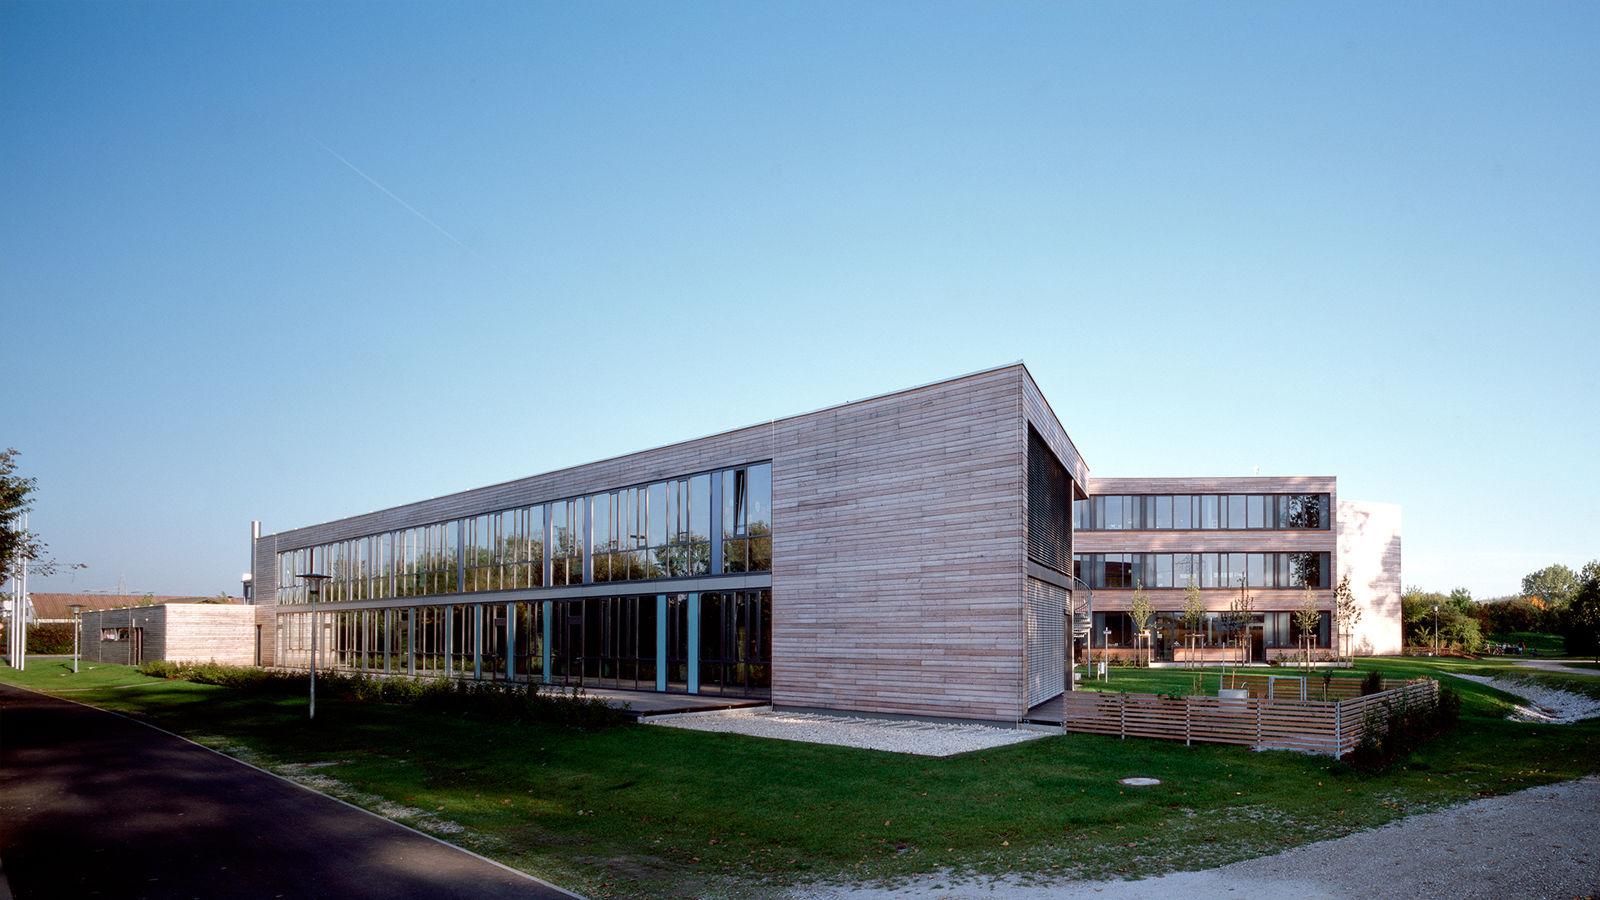 Sonderp dagogisches f rderzentrum planquadrat - Planquadrat architekten ...